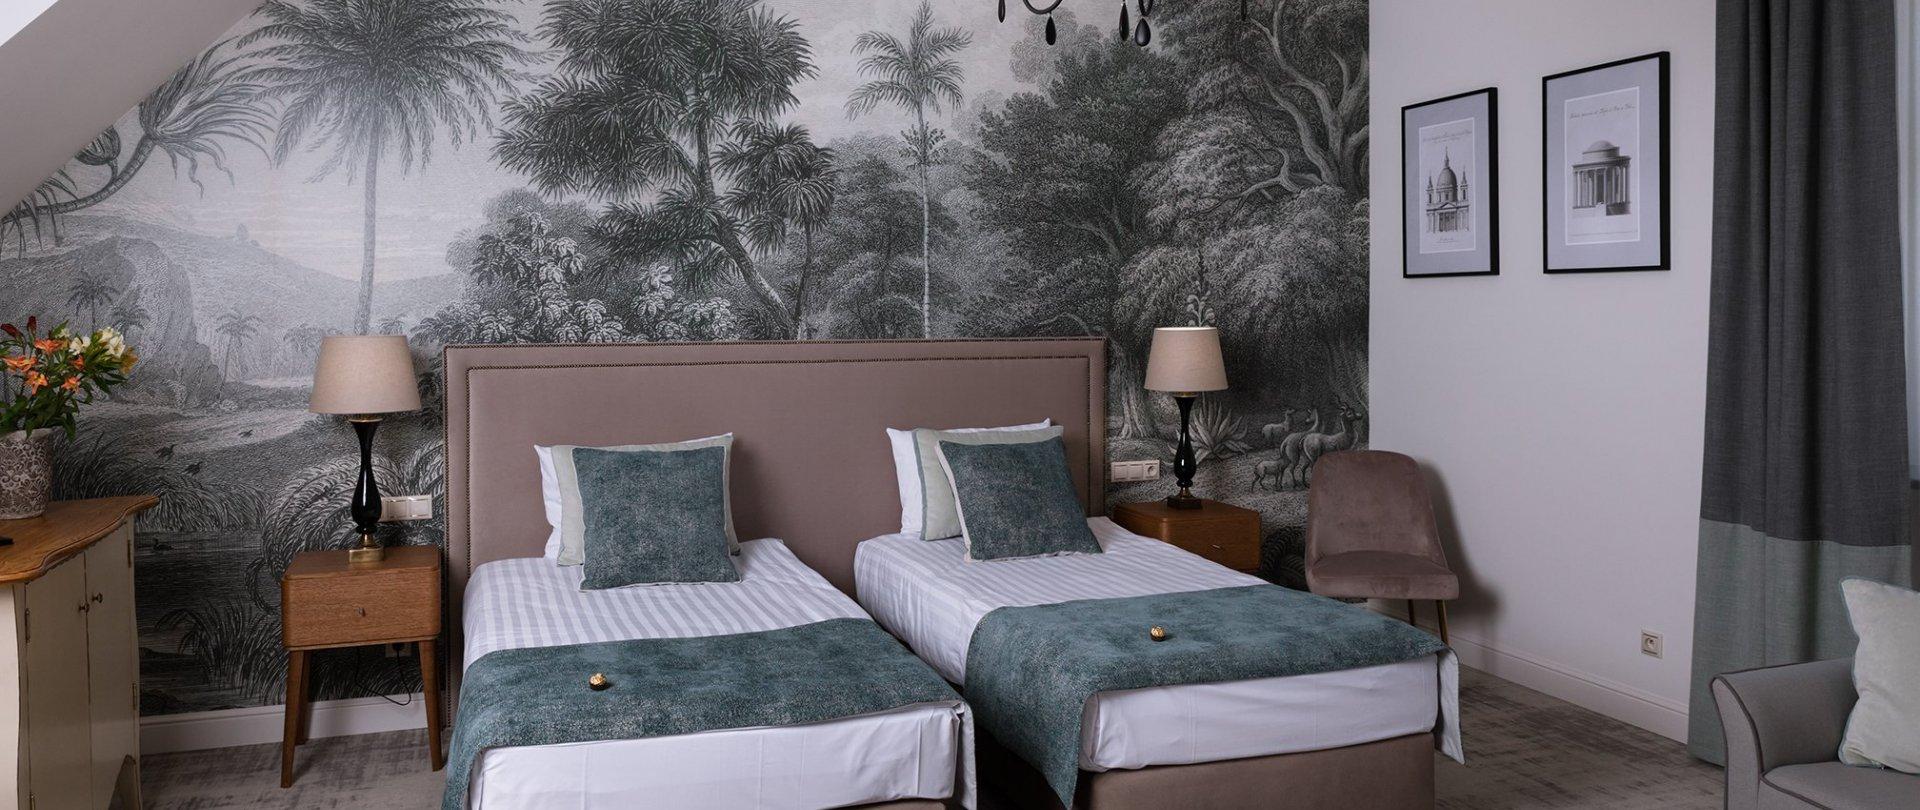 Dwuosobowy Deluxe (pojedyncze łóżka, dostawka)